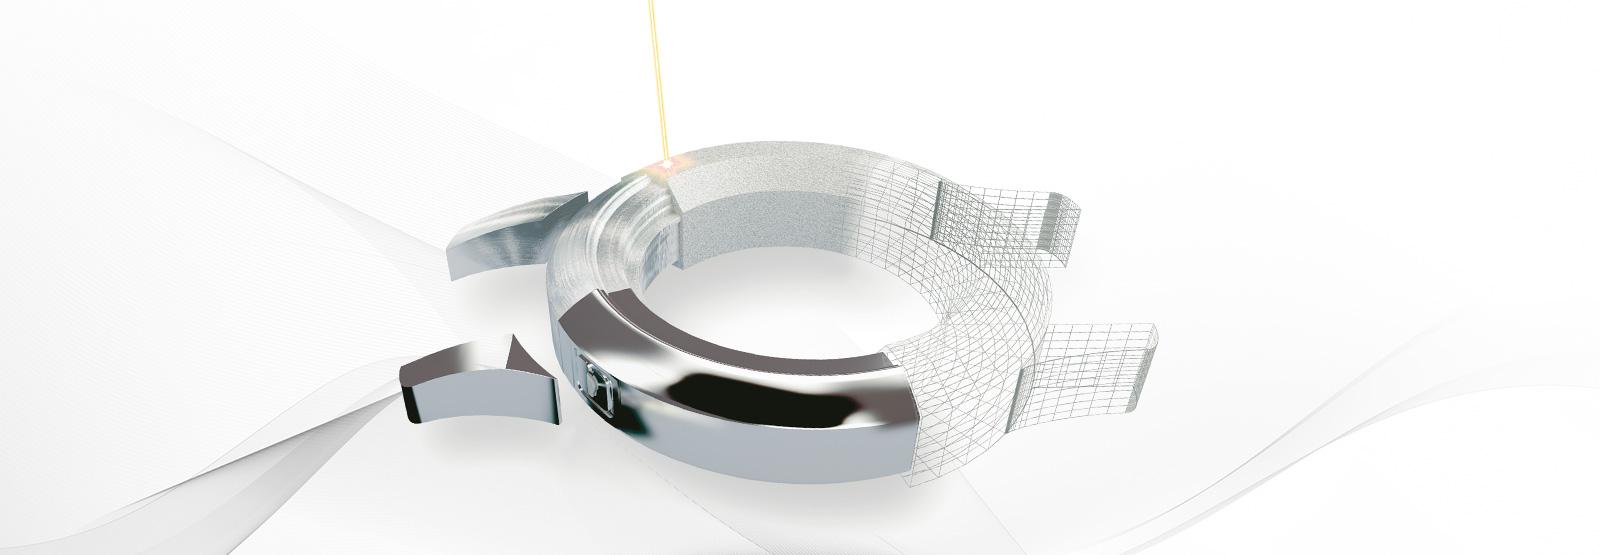 Watch case with laser beam